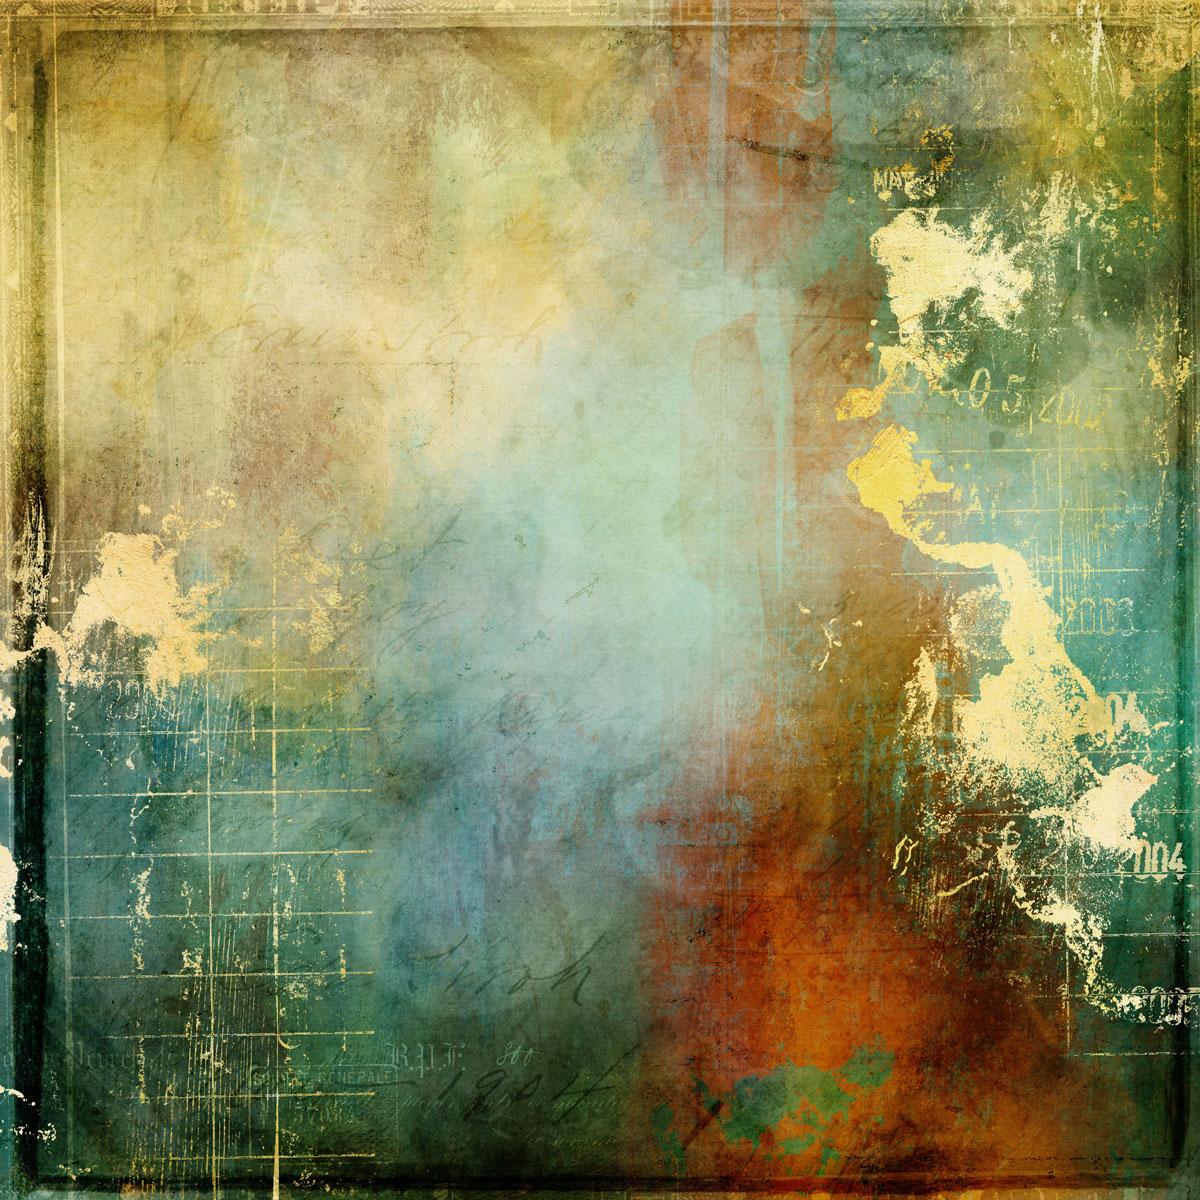 12张高清水彩金色质感艺术海报设计纸张背景纹理图片素材 Watercolor Texture Papers插图(10)